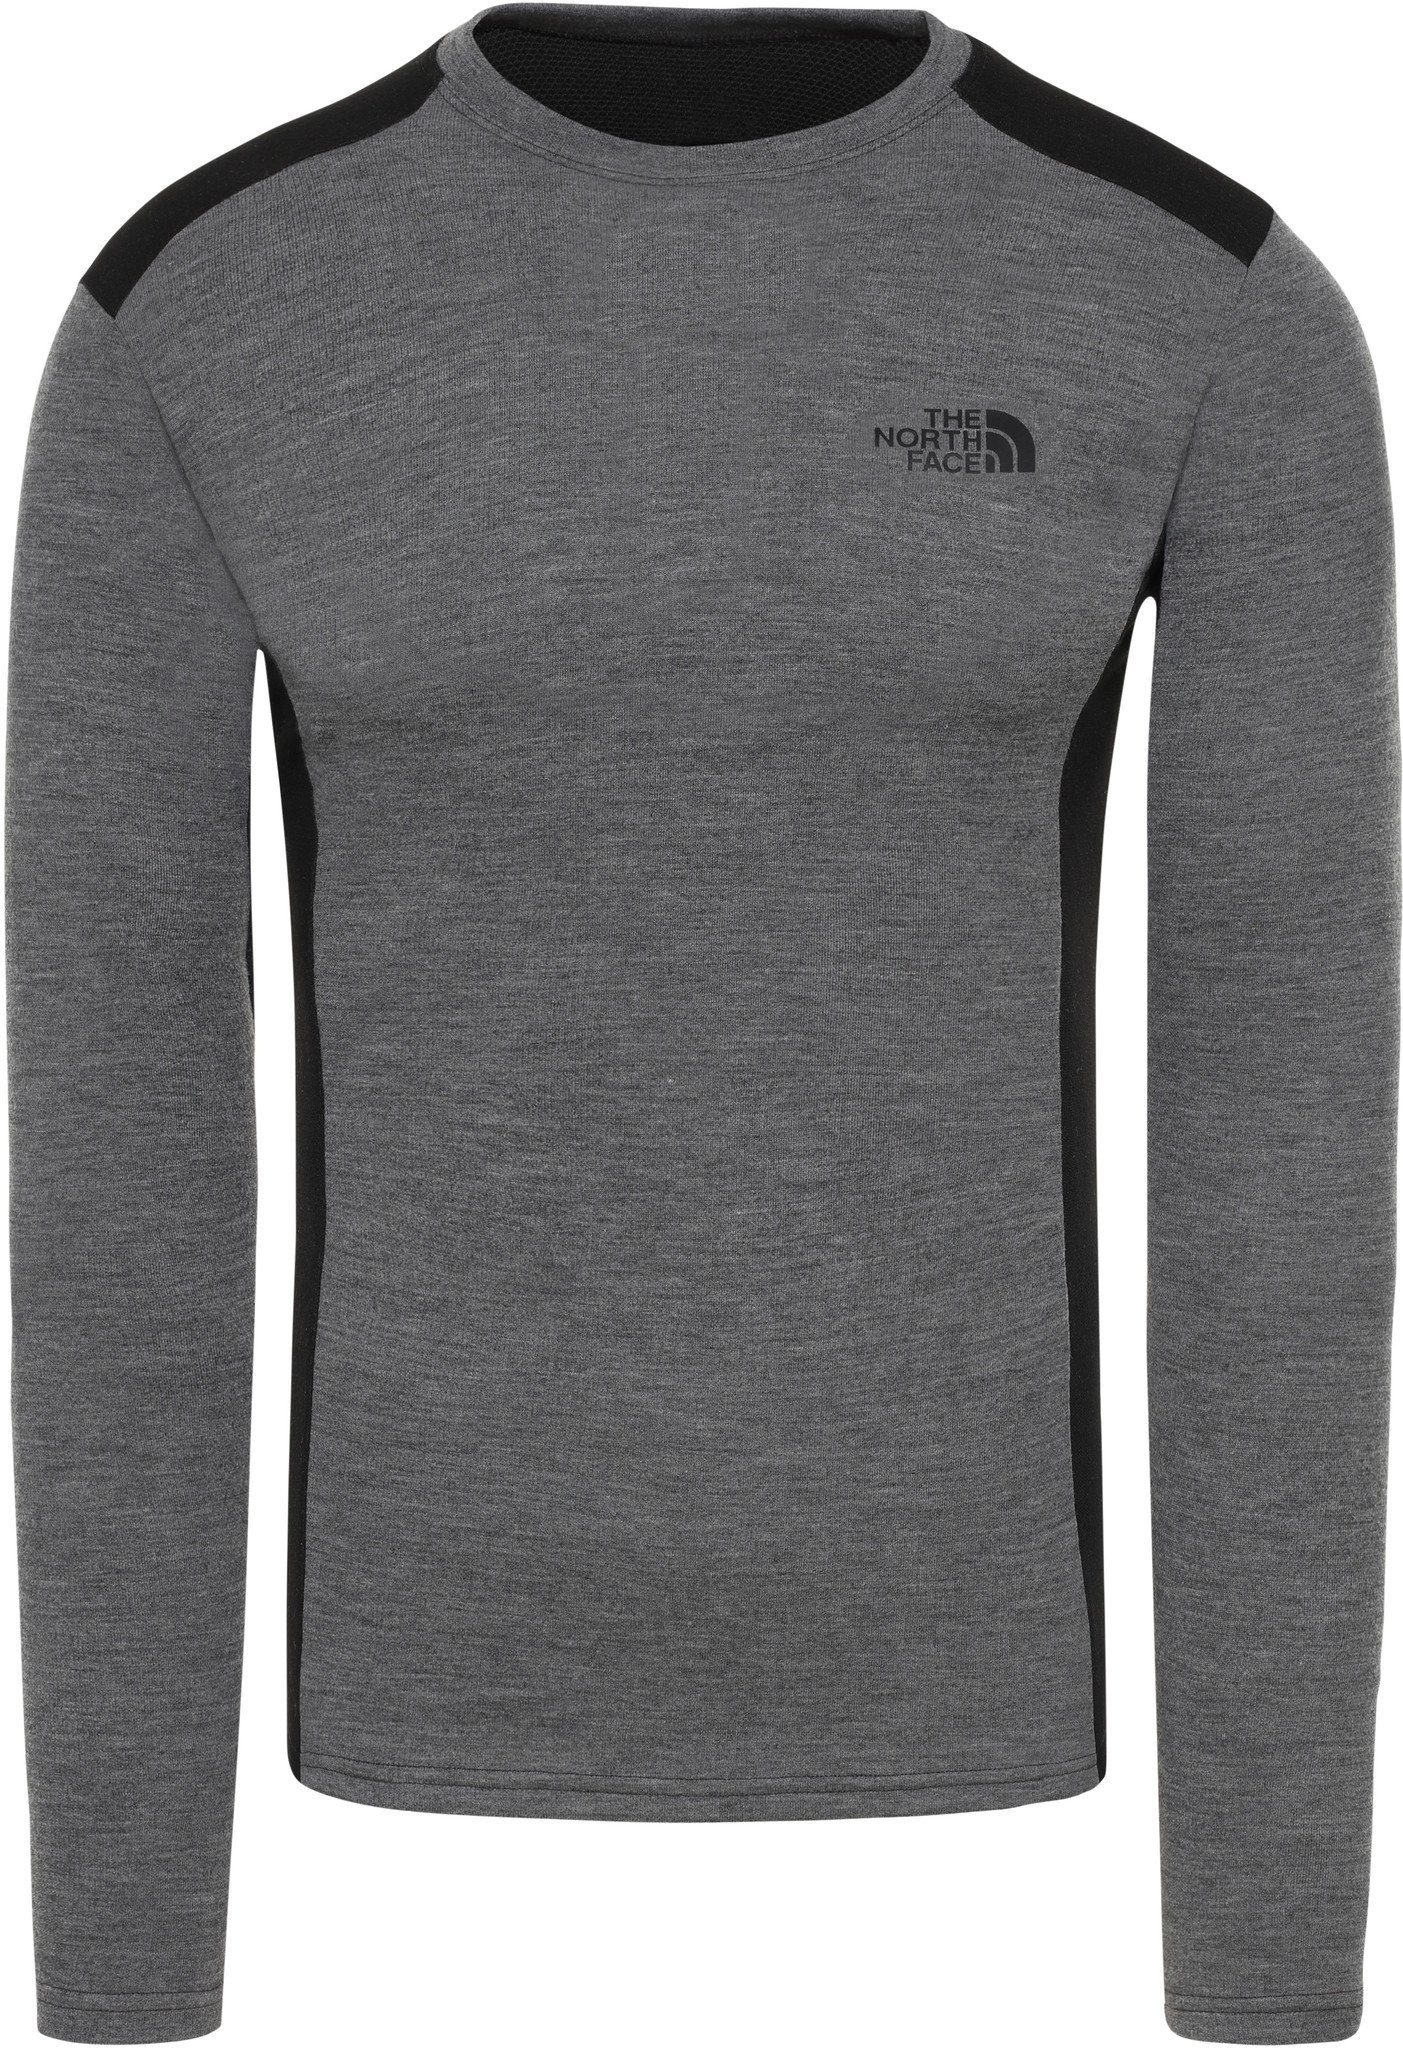 The North Face Sweatshirt »Easy Langarm Rundhalsshirt Herren« online kaufen | OTTO